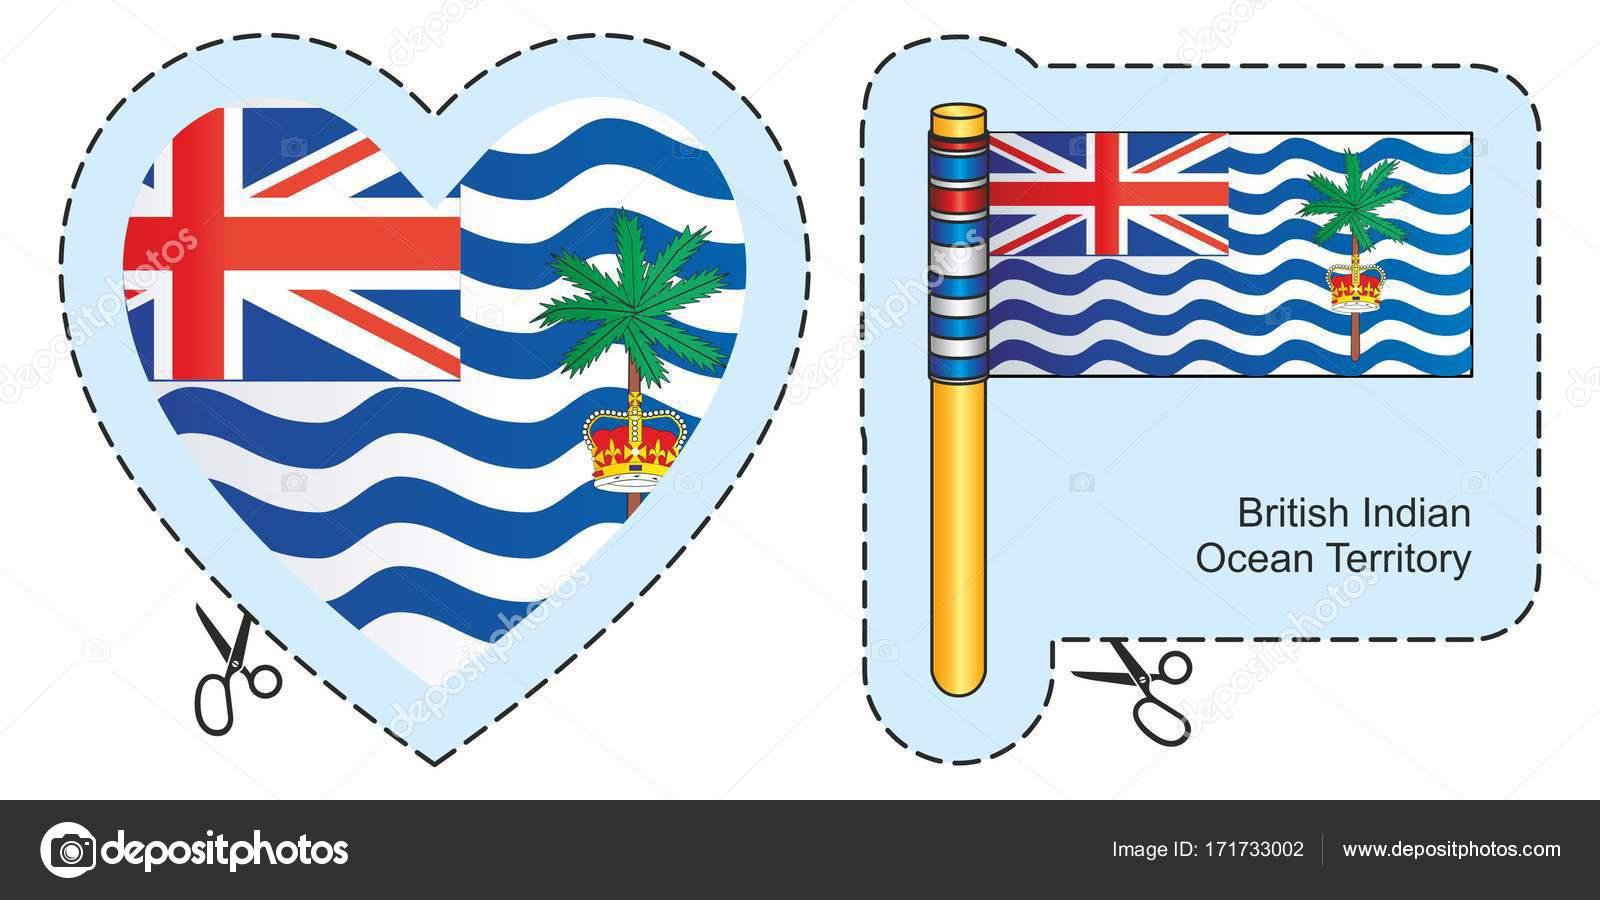 イギリス領インド洋地域の旗。ベ...